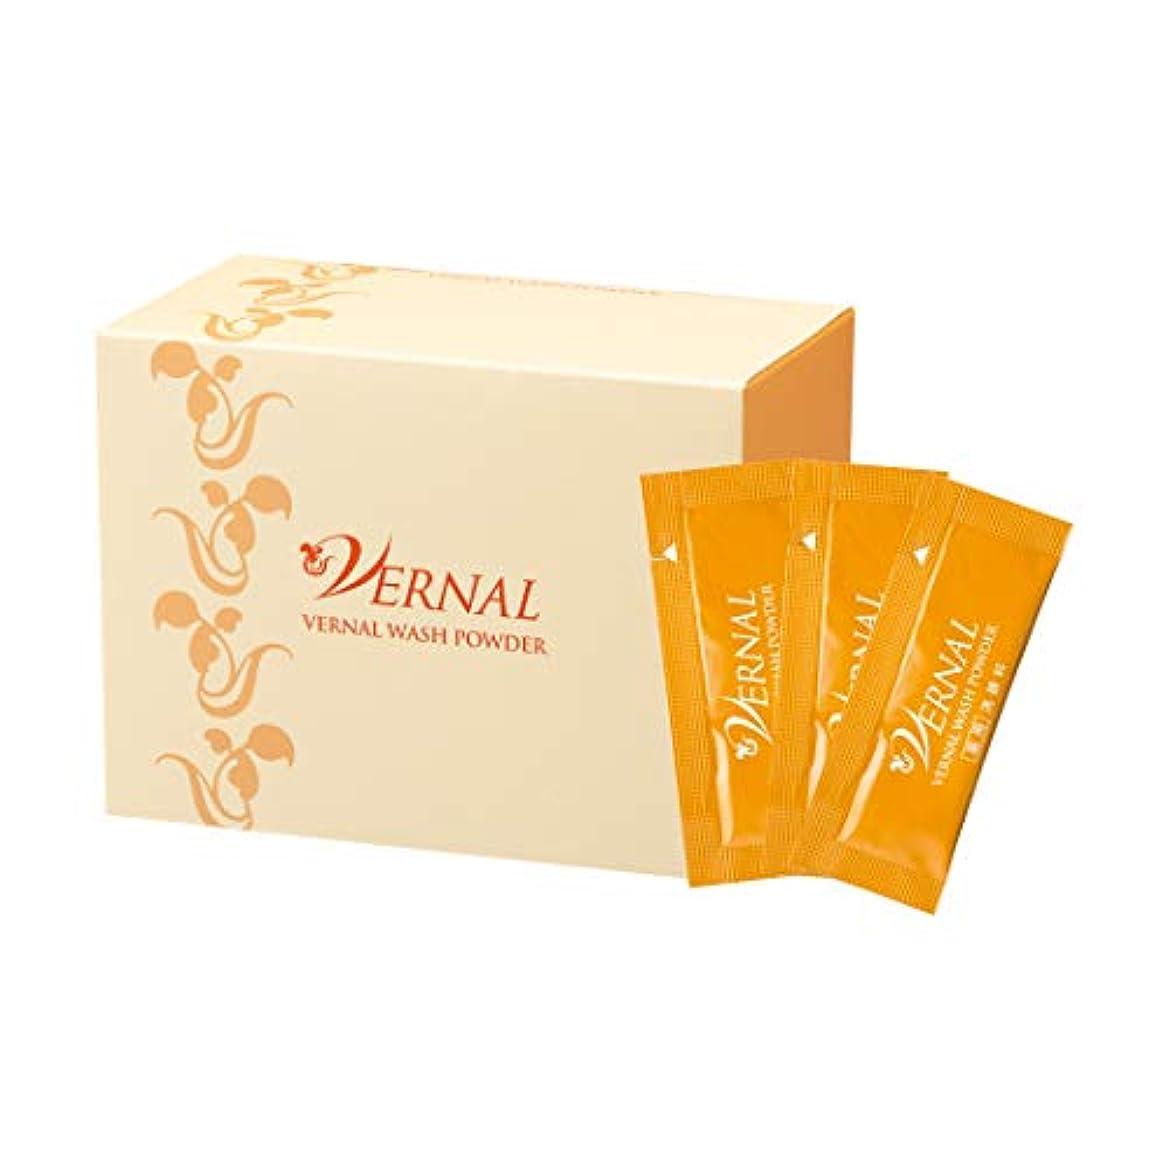 バース圧縮する稼ぐ薬用ウォッシュパウダー100包 90包のお値段で100包入り ヴァーナル 薬用 洗顔料 酵素洗顔